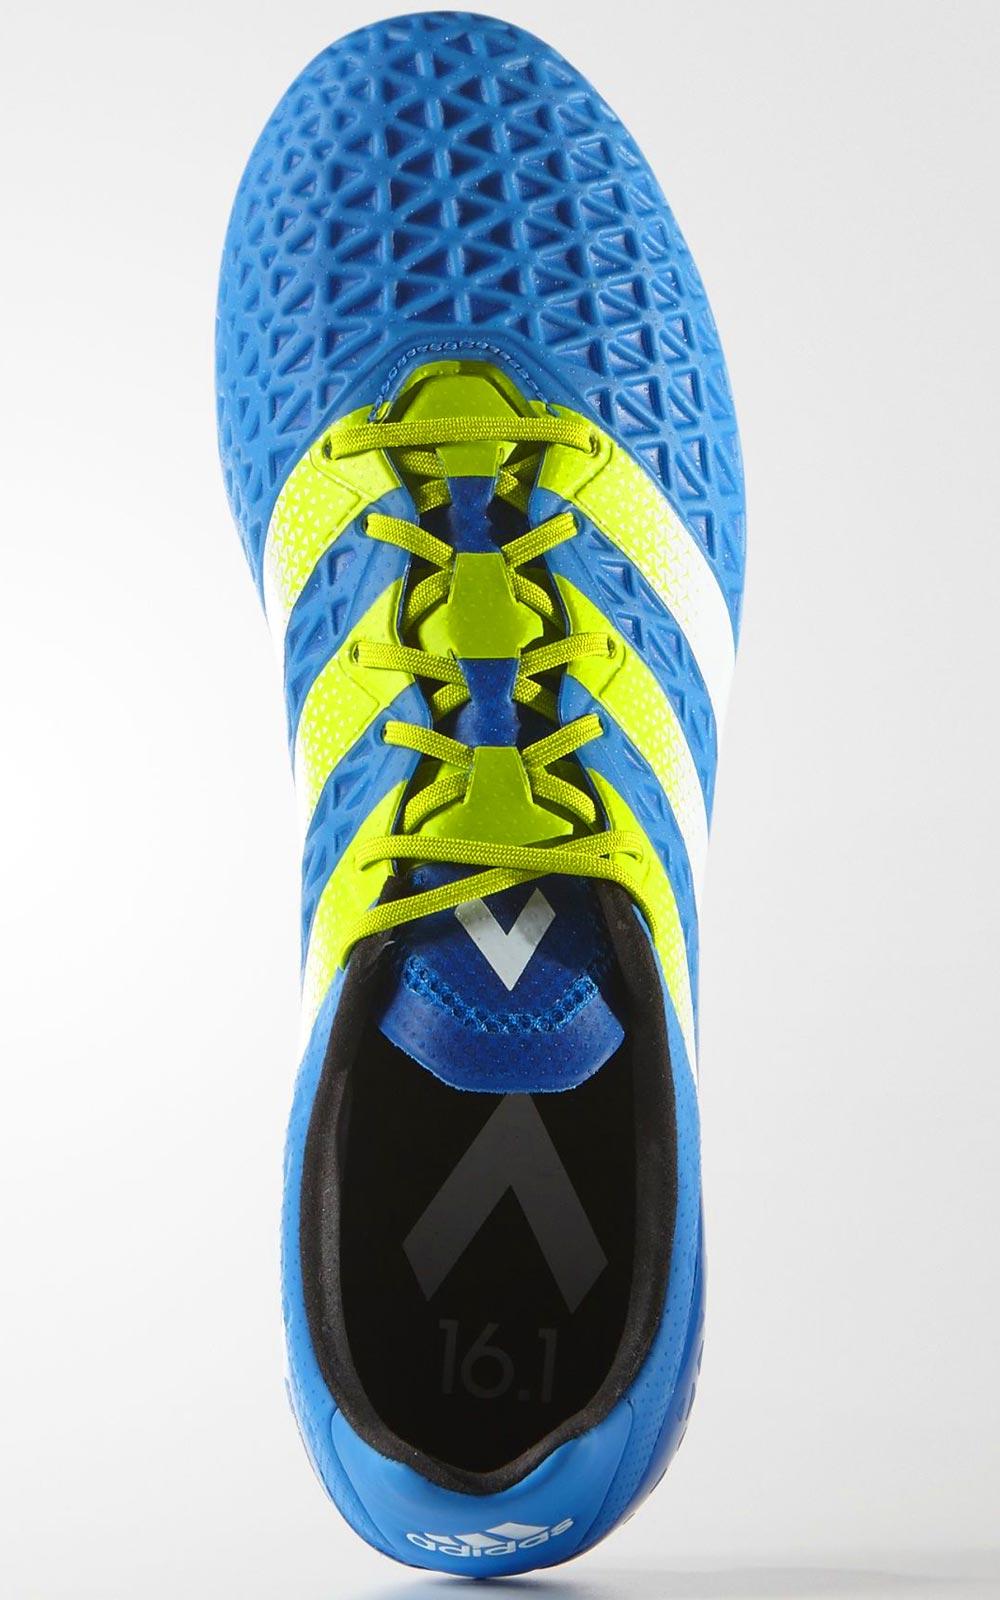 Adidas Ace 16.1 Blau